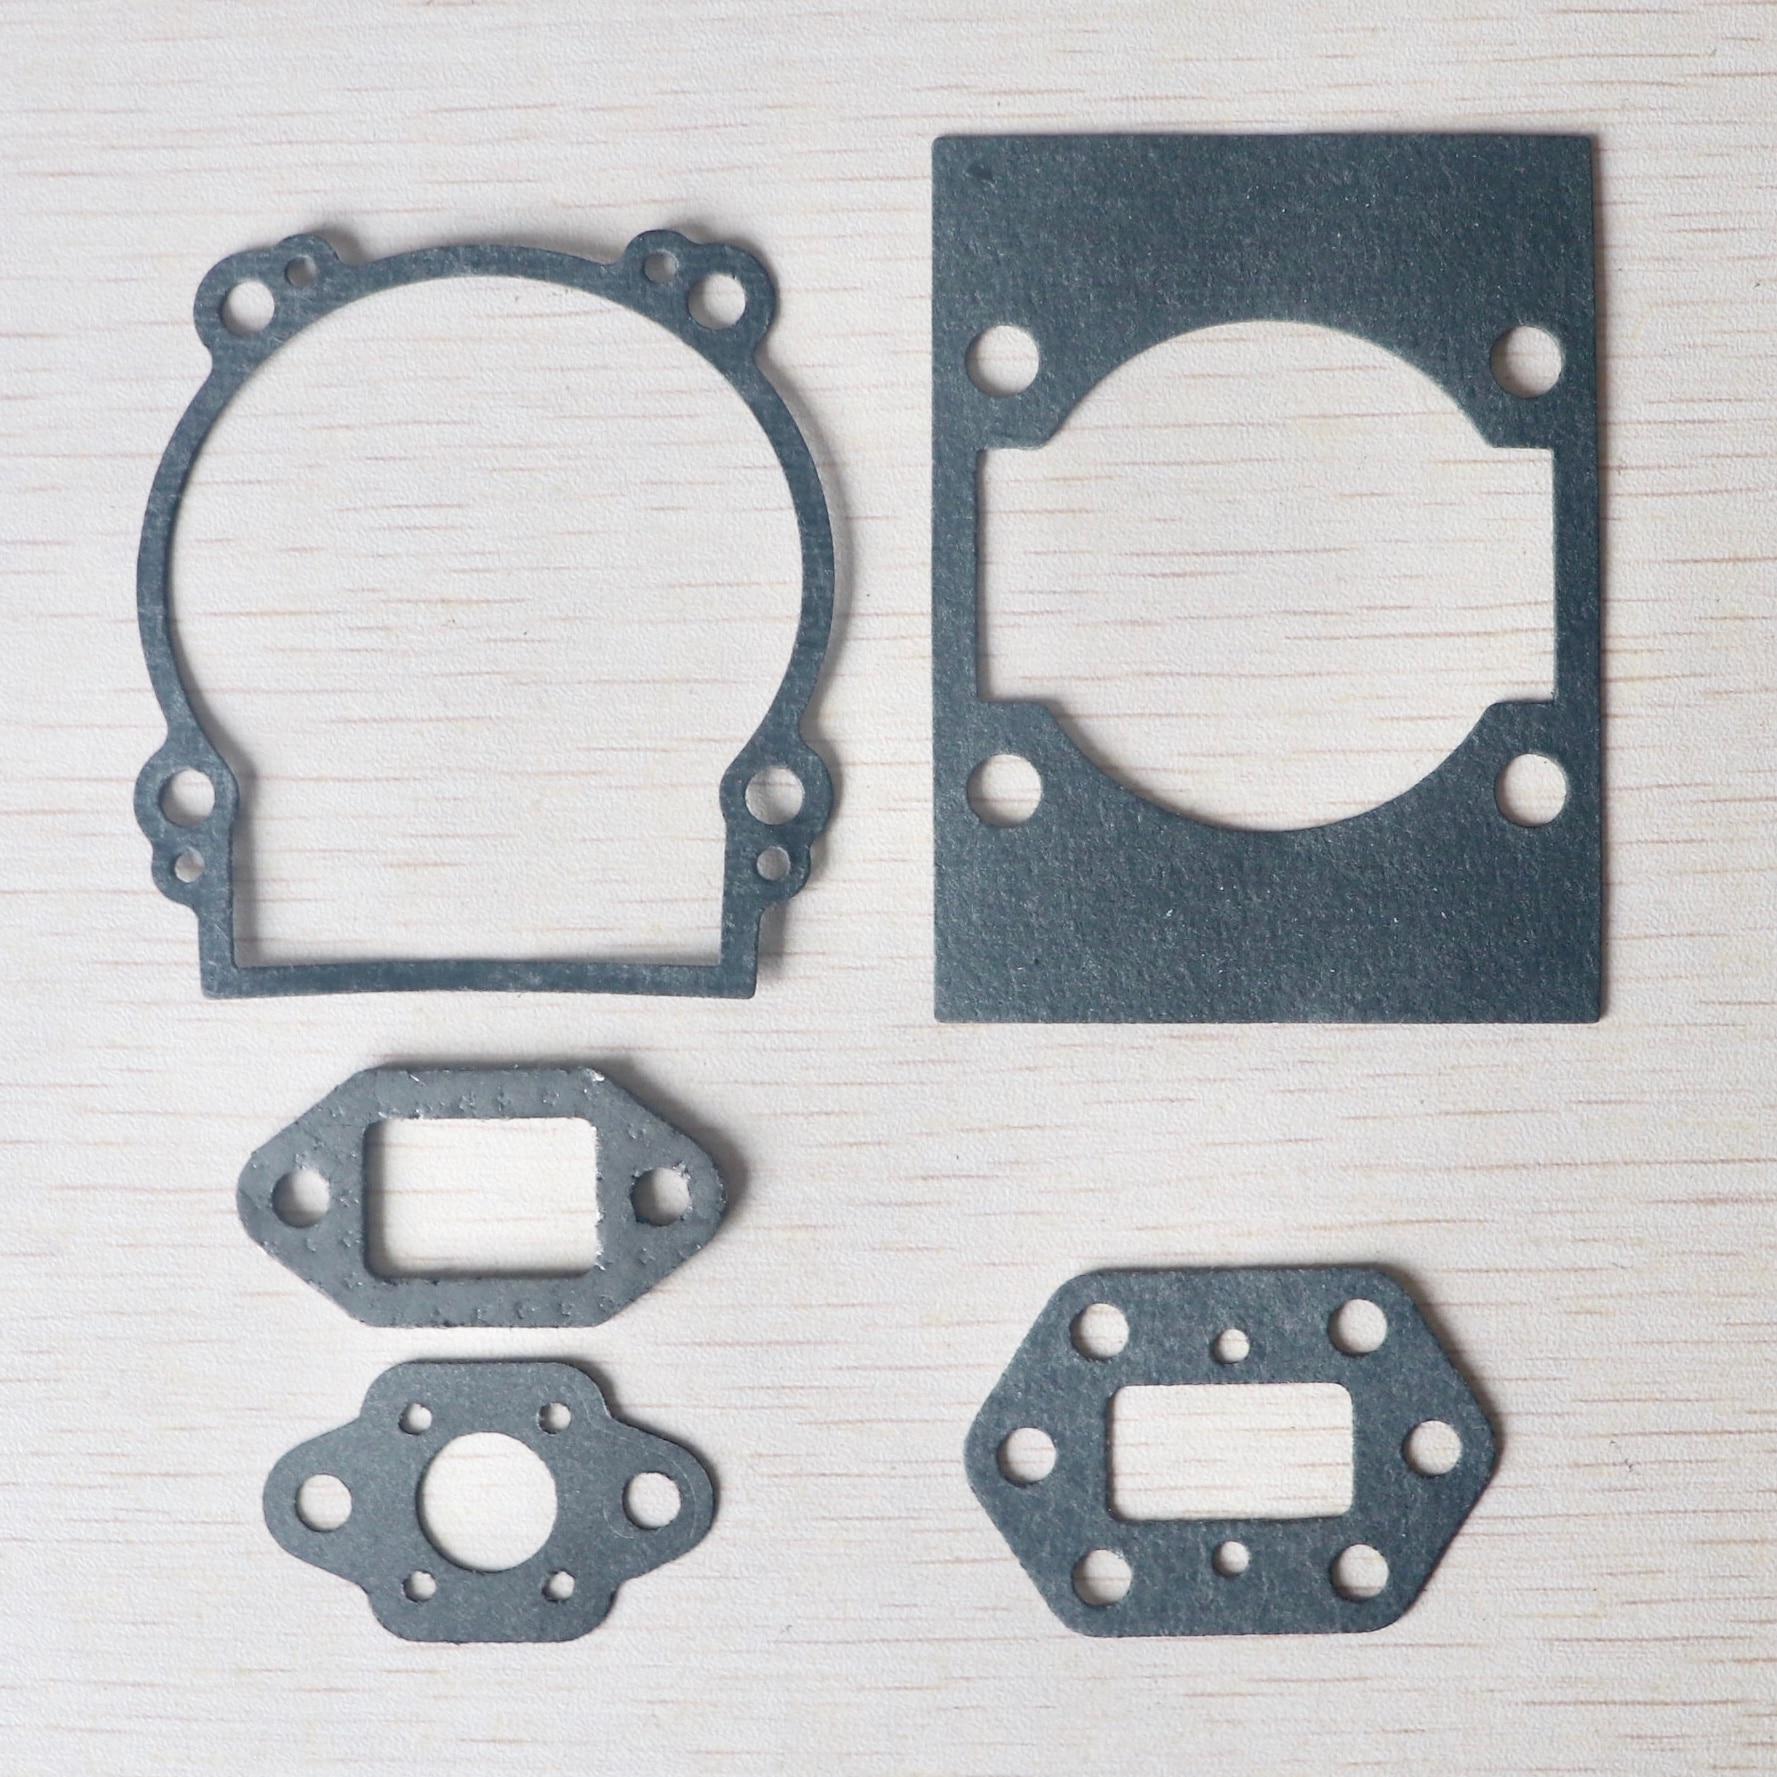 2 Sets Gasket Sets/pads For G45L/G35 Zenoah G4K BC4310 3410 Brush Cutter Trimmer